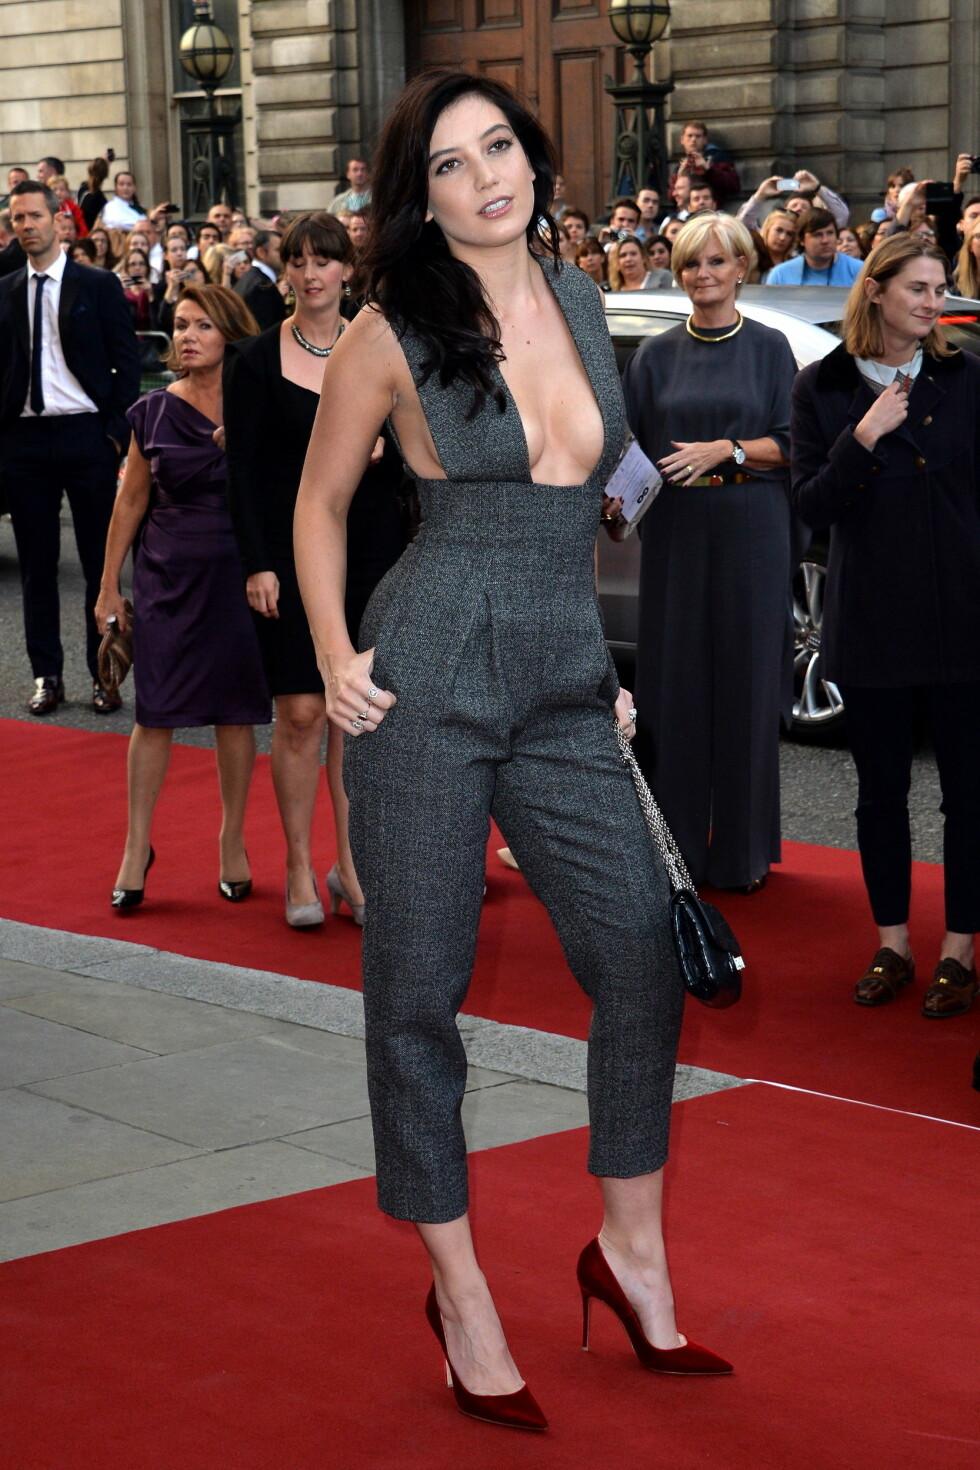 VAKTE OPPSIKT: Modell Daisy Lowe stilte i et mindre spennende antrekk, en buksedress fra Barbara Casasola - hadde det ikke vært for det svært dristige brystpartiet, og de blodrøde skoene.  Foto: Stella Pictures